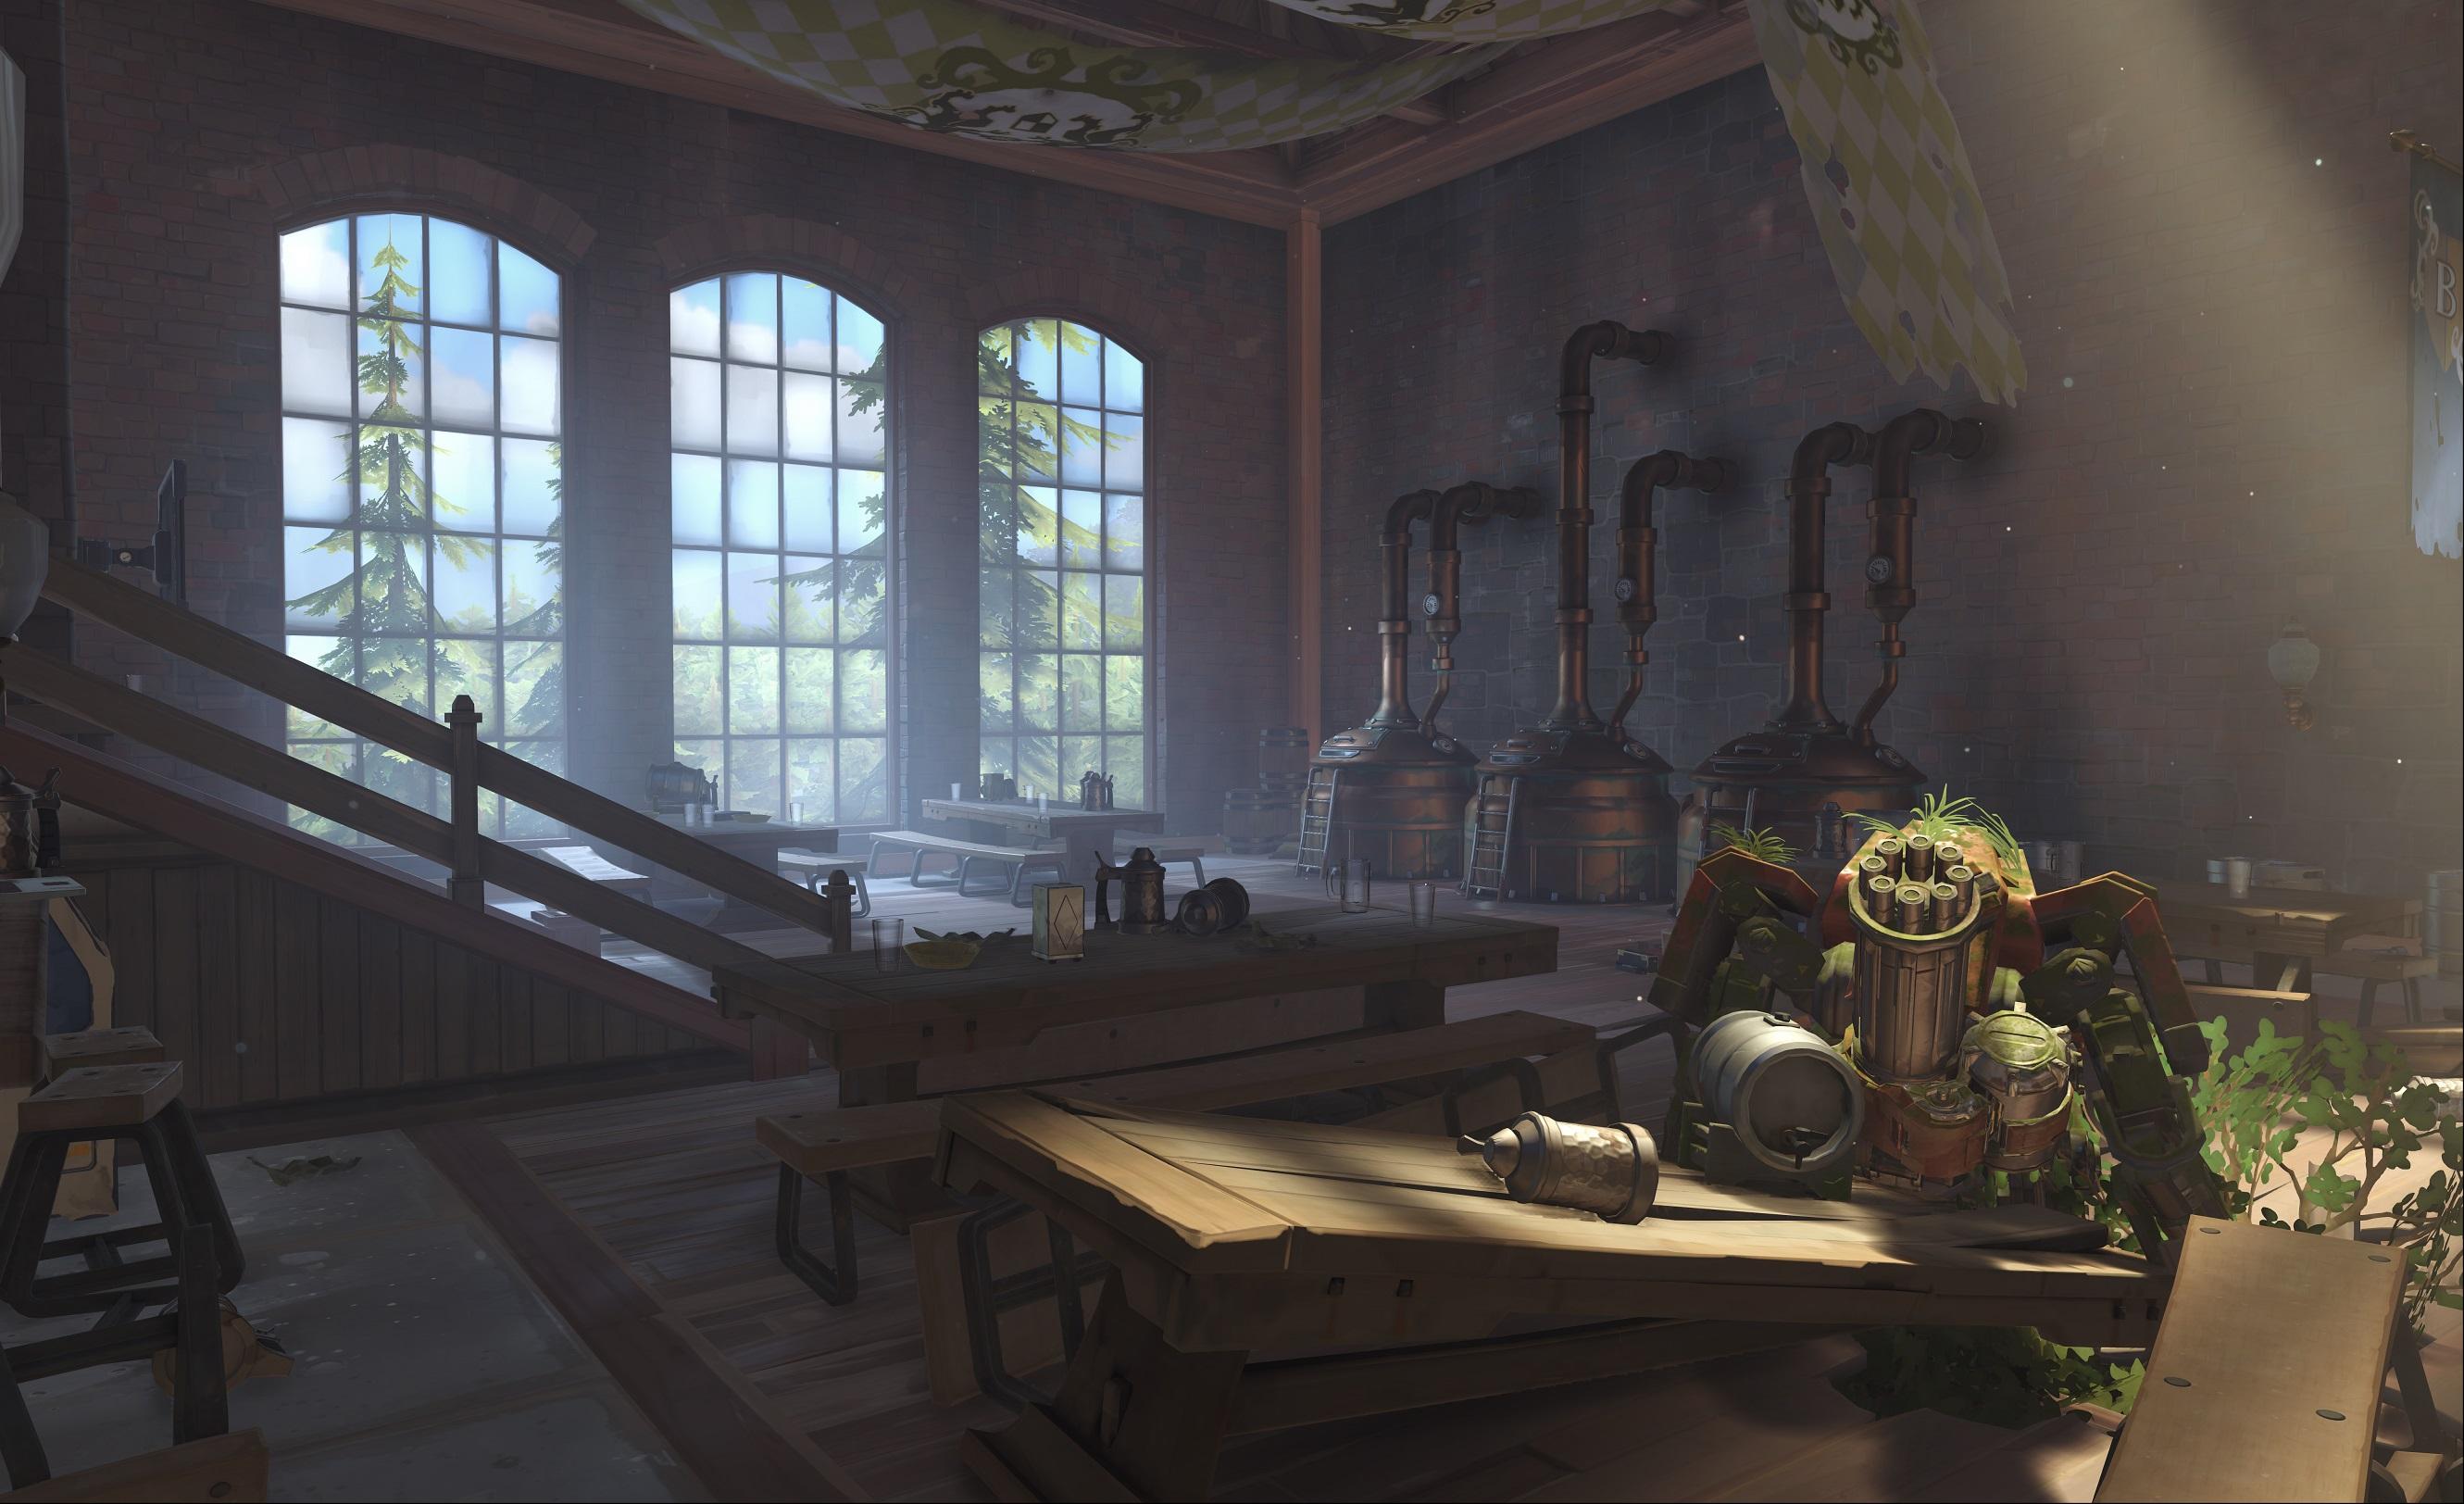 Nová mapa pro Overwatch nás zavede do hradu a přilehlého městečka v Německu 128675